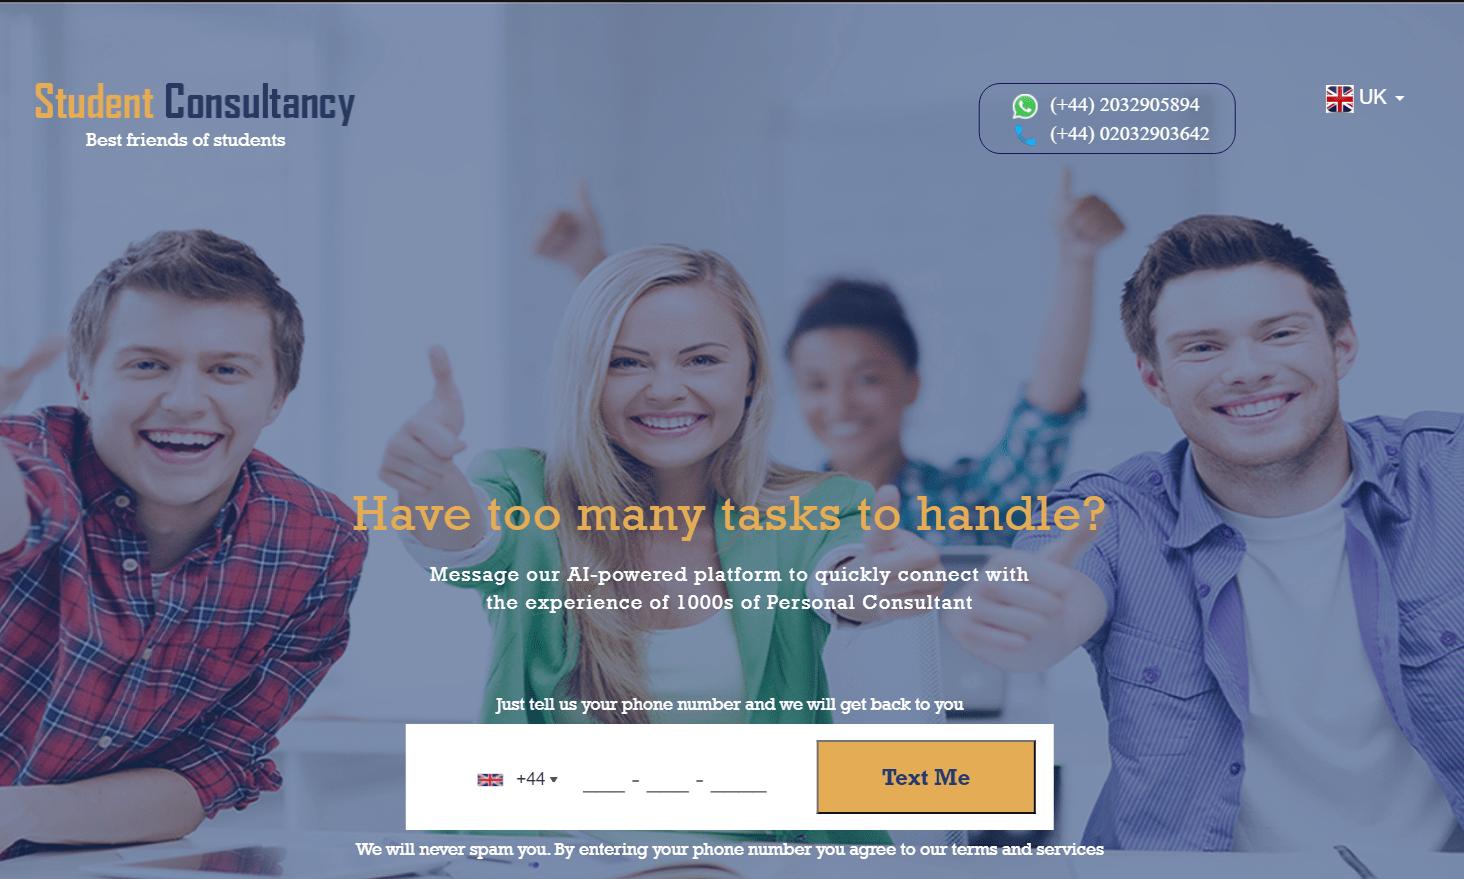 studentconsultancy.co.uk